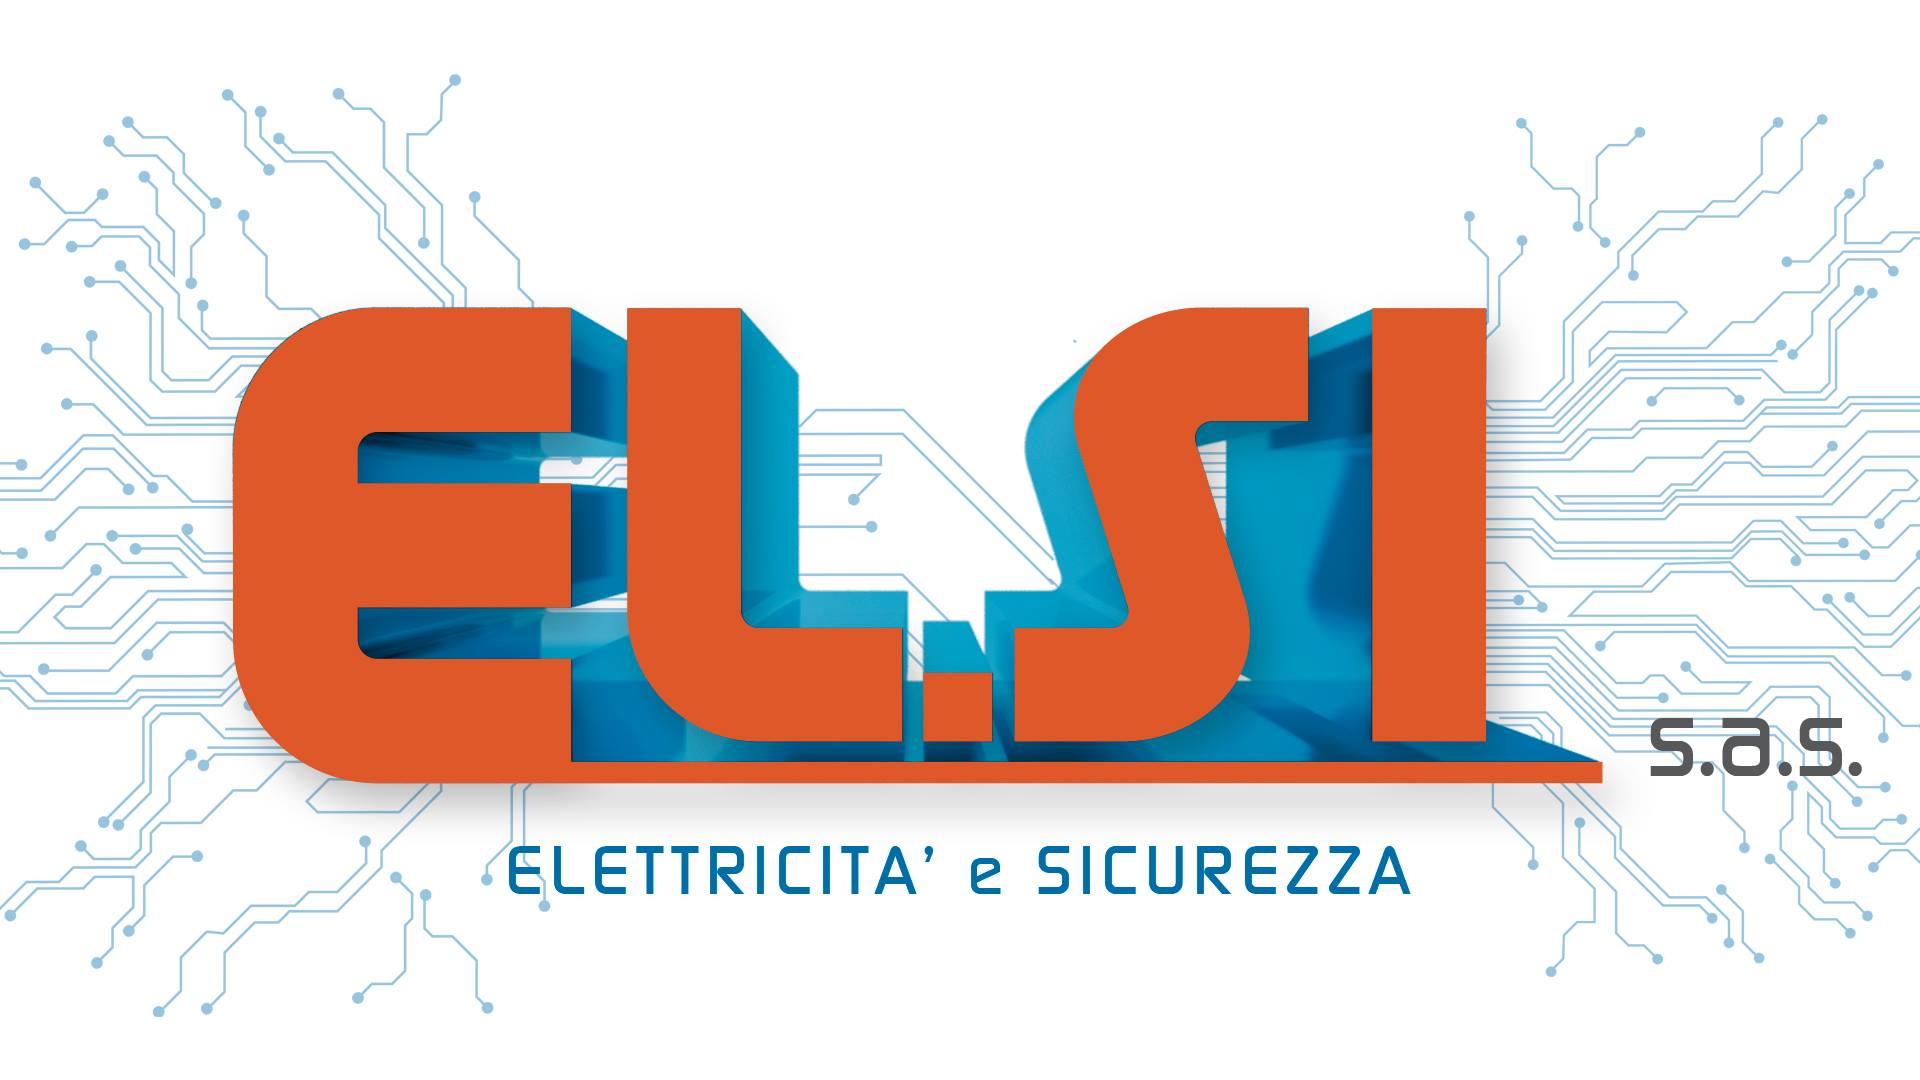 Testimonianza Elsi sul Software Gestionale Materiale Elettrico